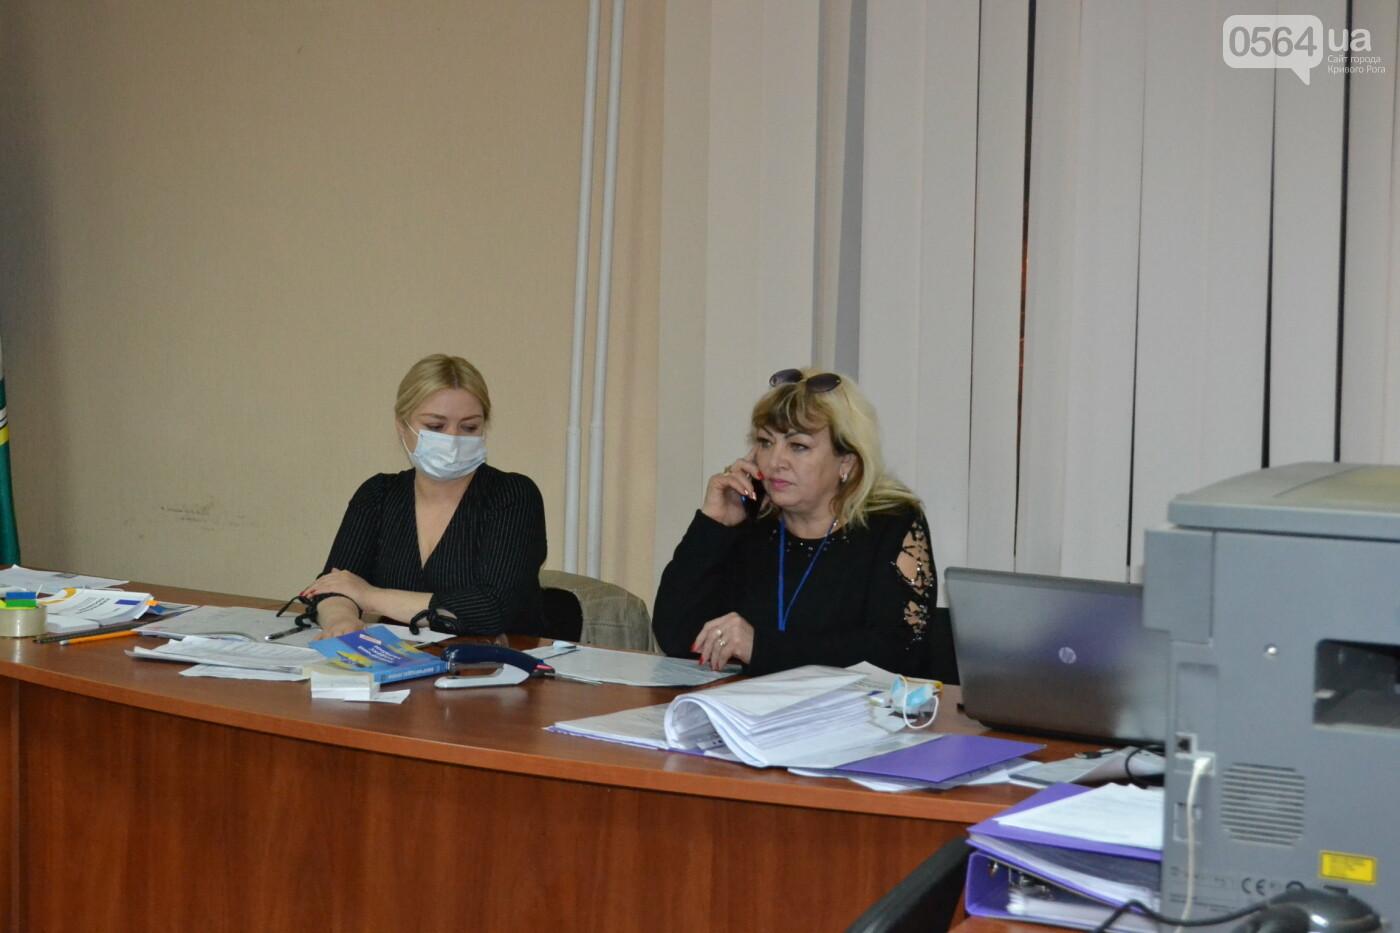 Криворожская РИК продолжает принимать протоколы об итогах голосования на выборах в райсовет, - ФОТО, фото-1